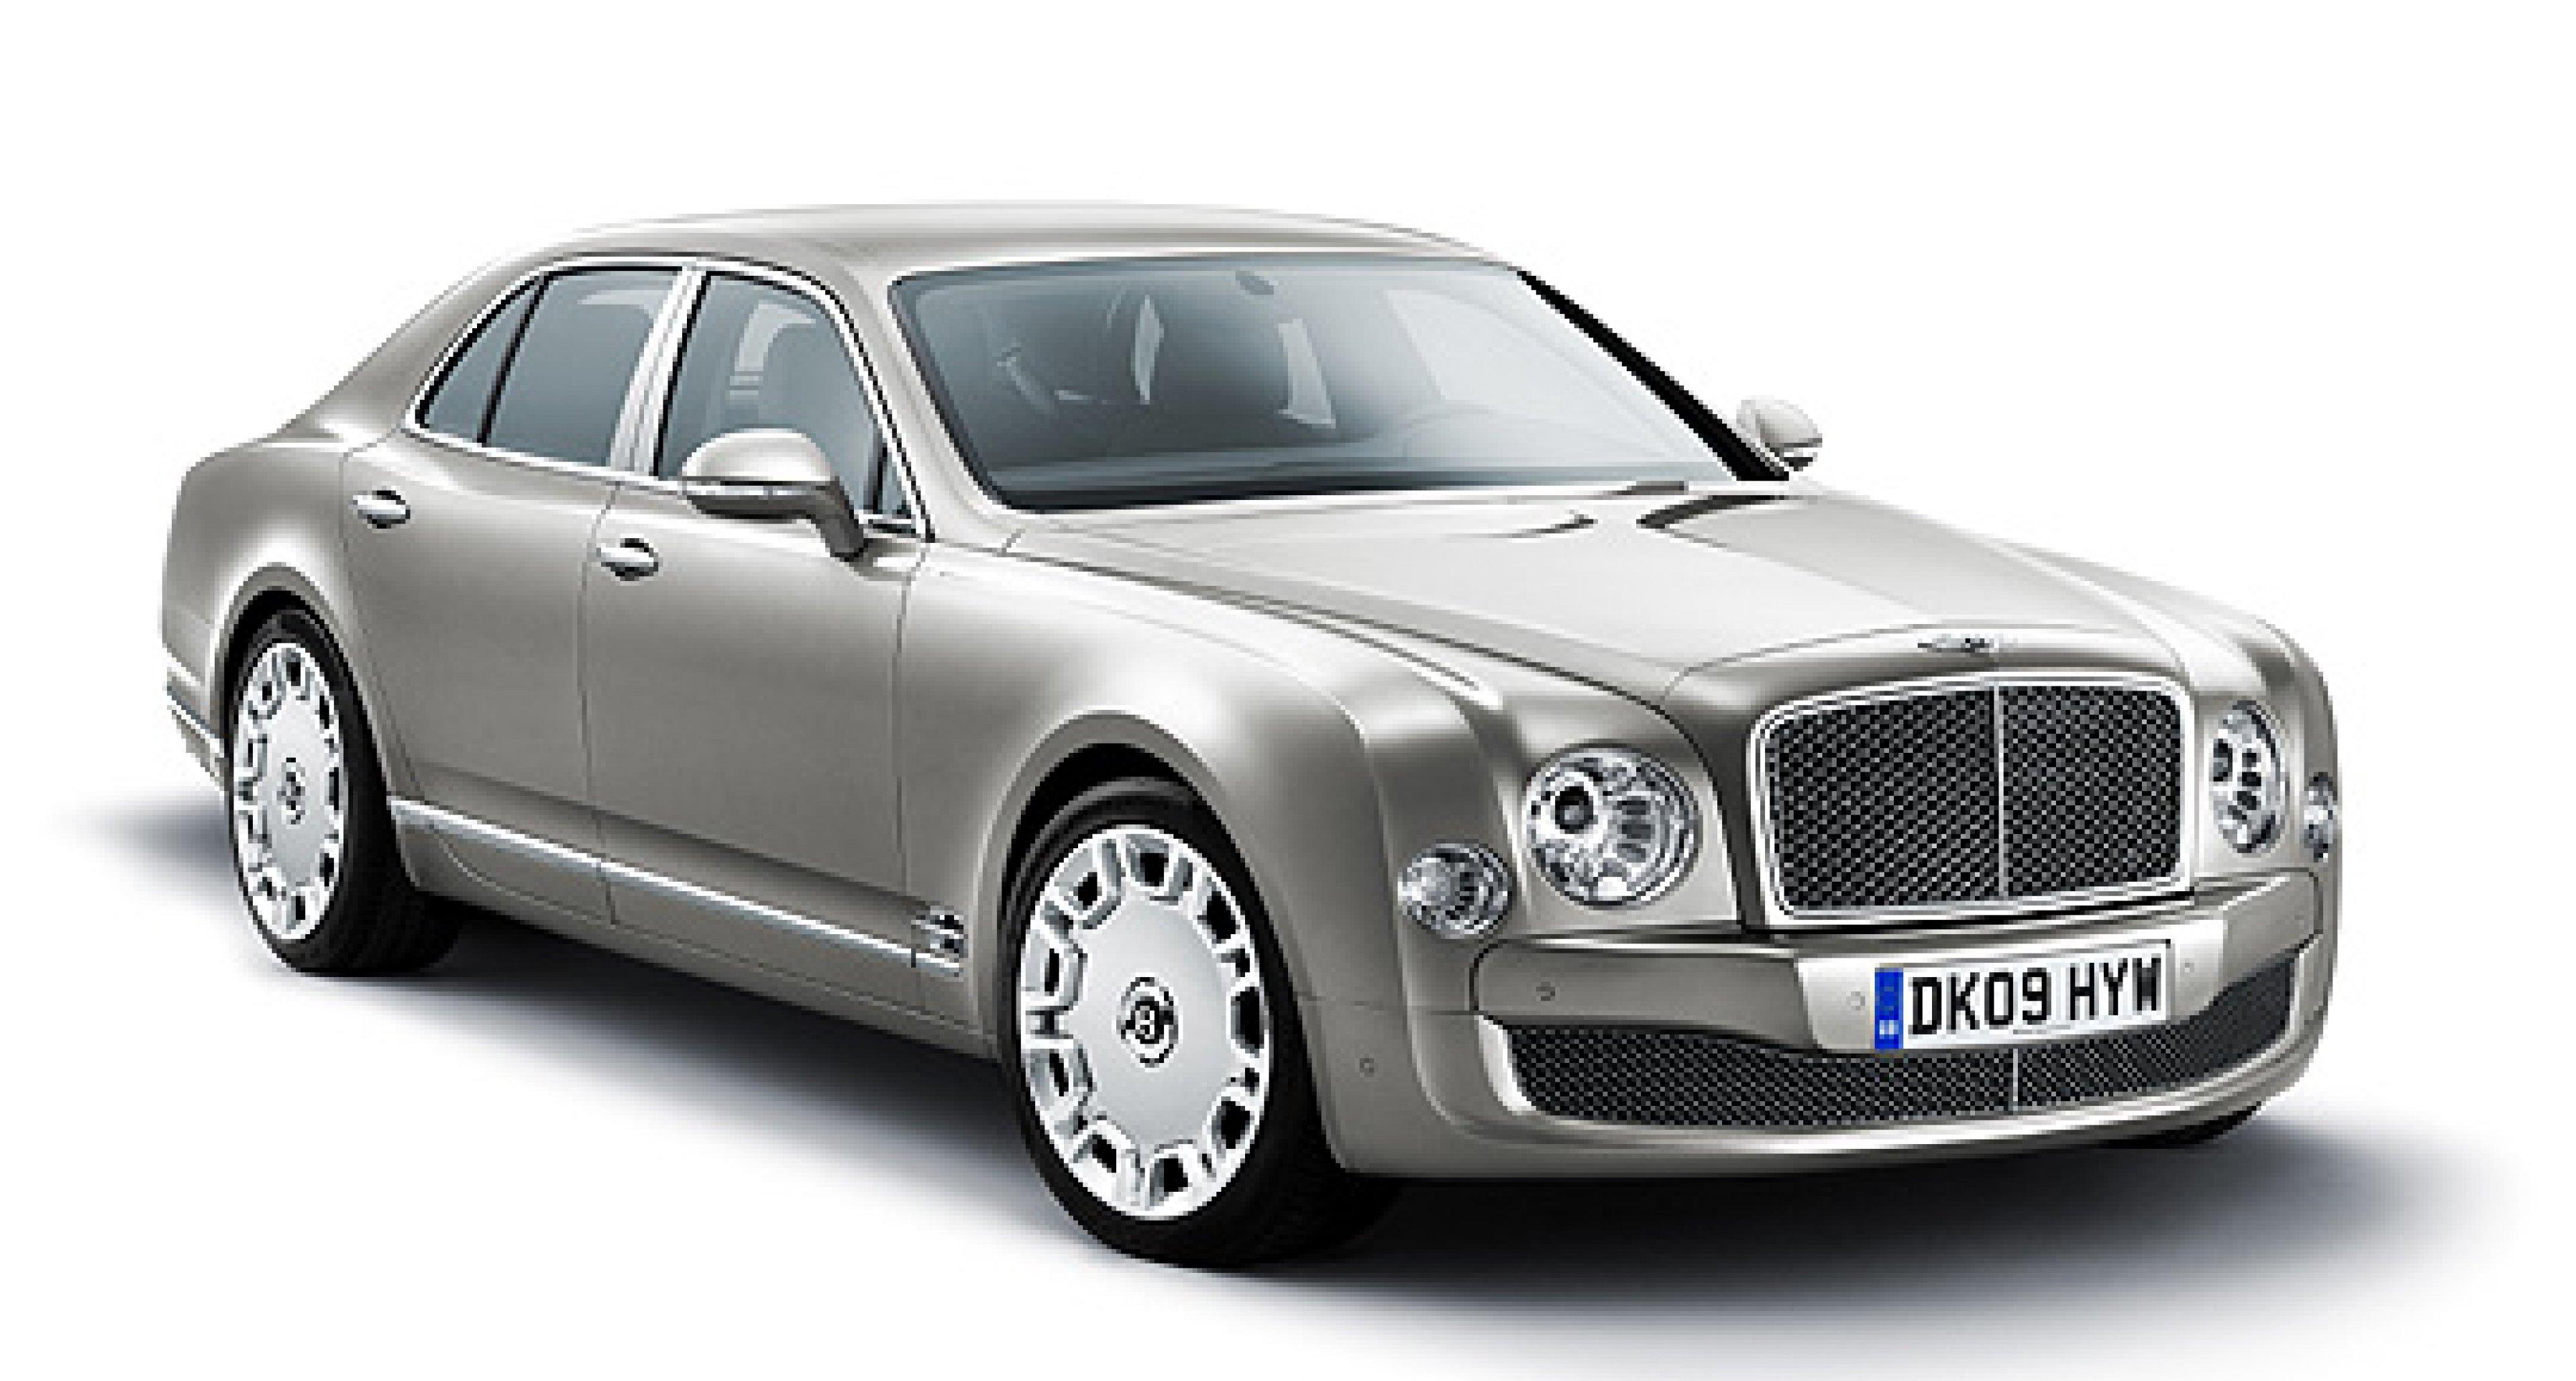 Bentley Mulsanne: Design Analysis